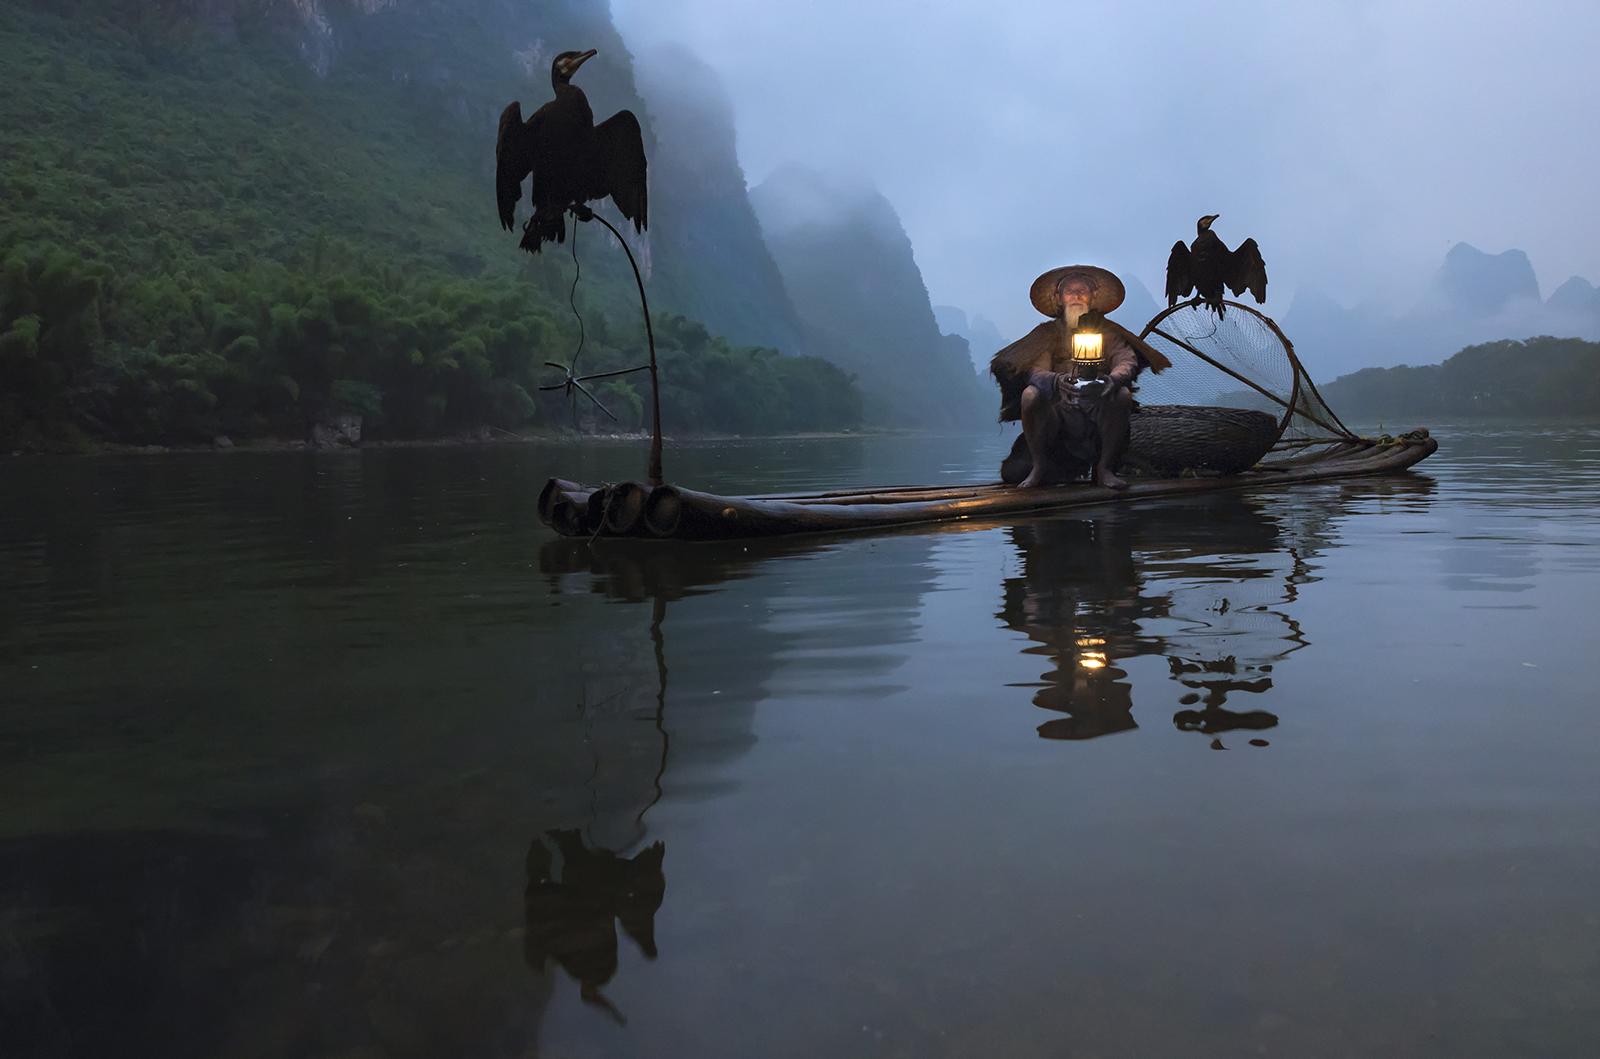 cormorant fisherman in teh morning.jpg